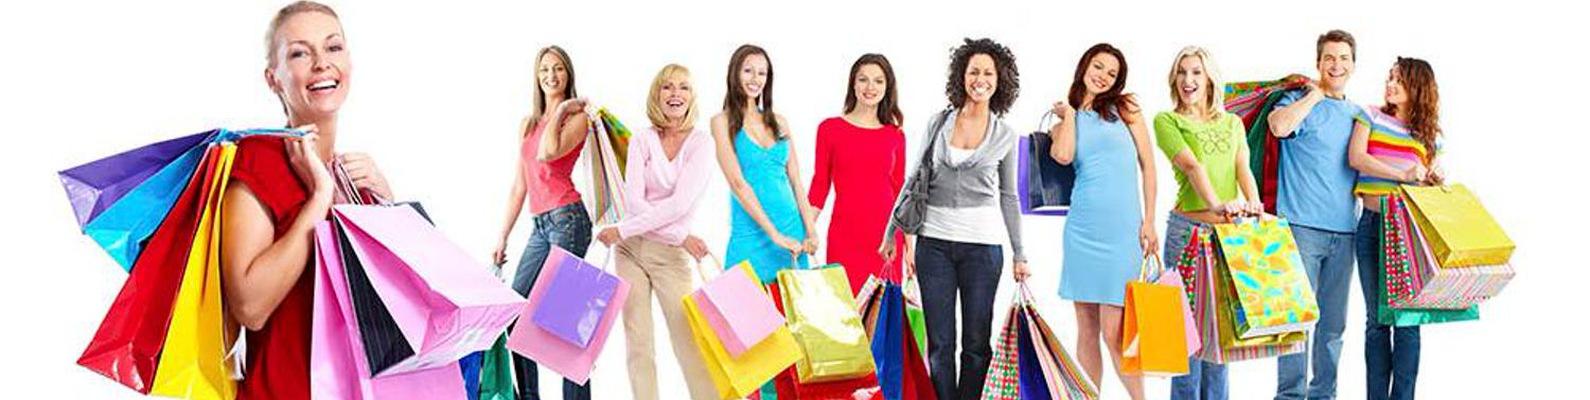 Совместные покупки фото и картинки